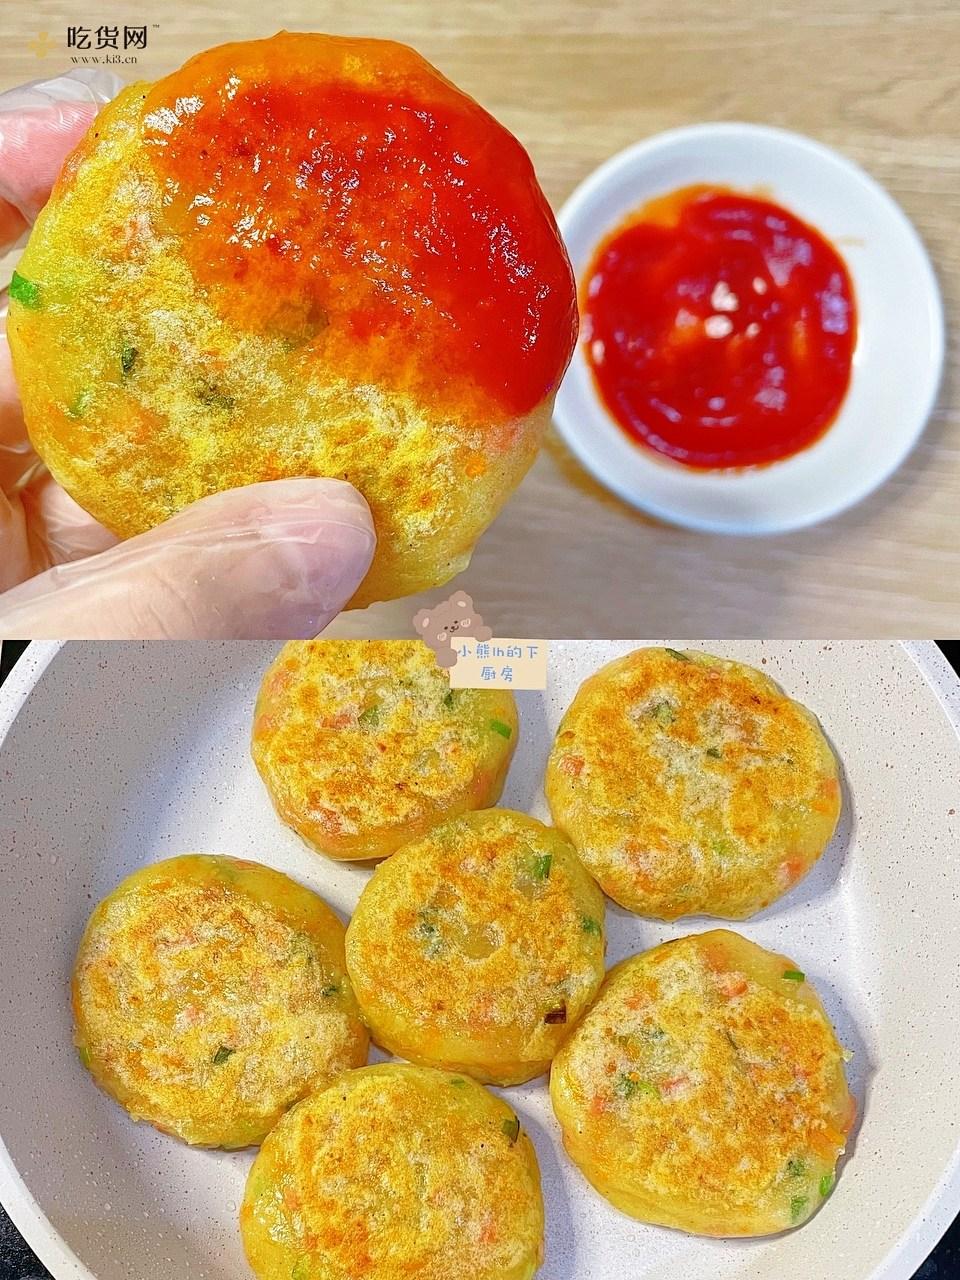 懒人早餐饼 👍营养健康 大人小孩都爱吃的做法 步骤6